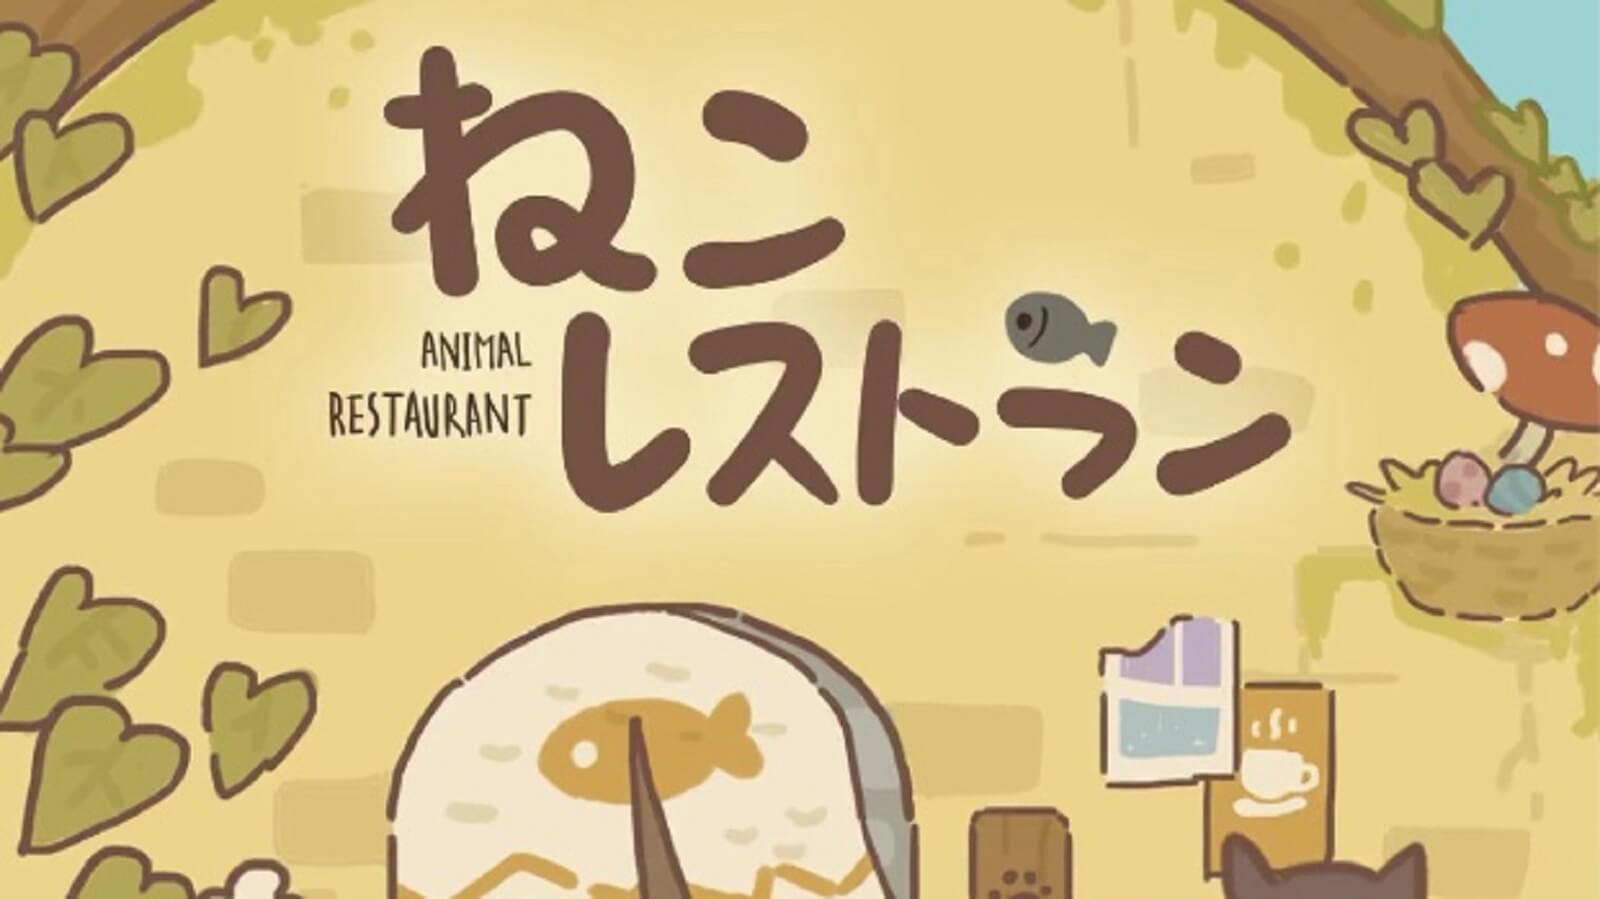 ねこレストラン